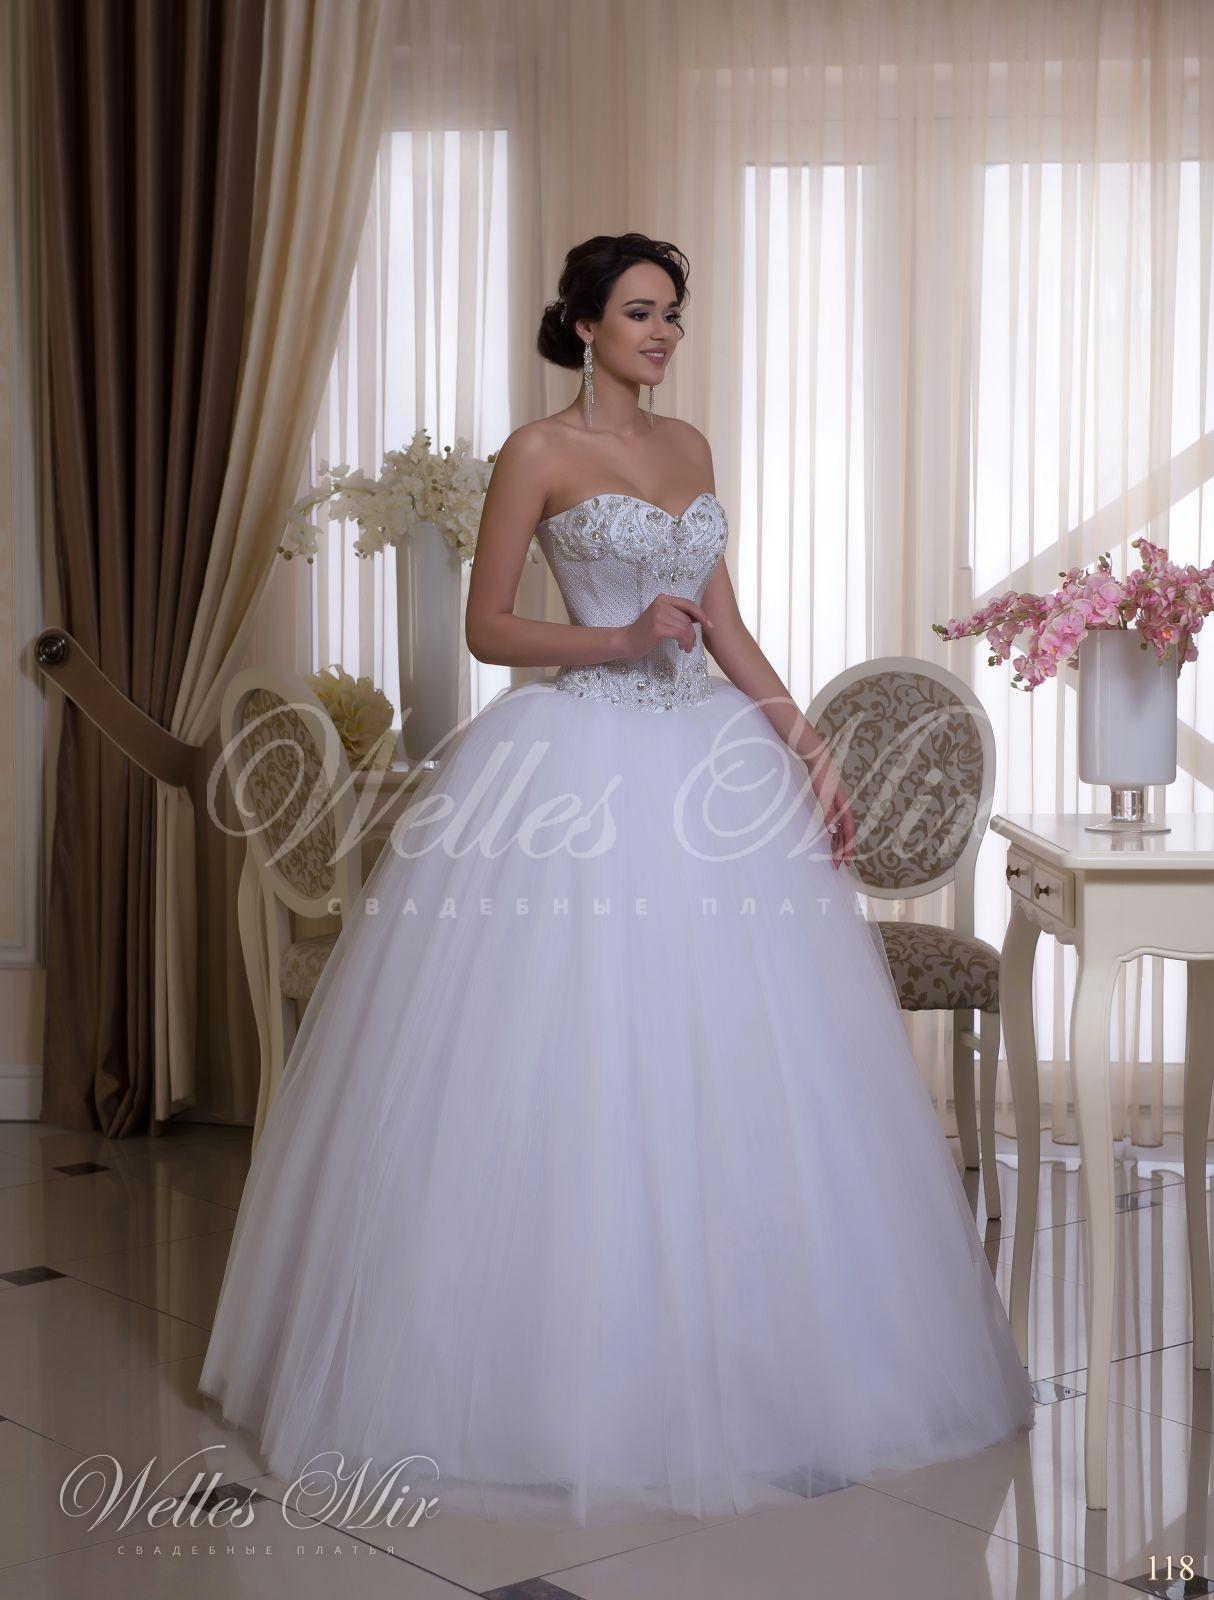 Свадебные платья Charming Elegance - 118